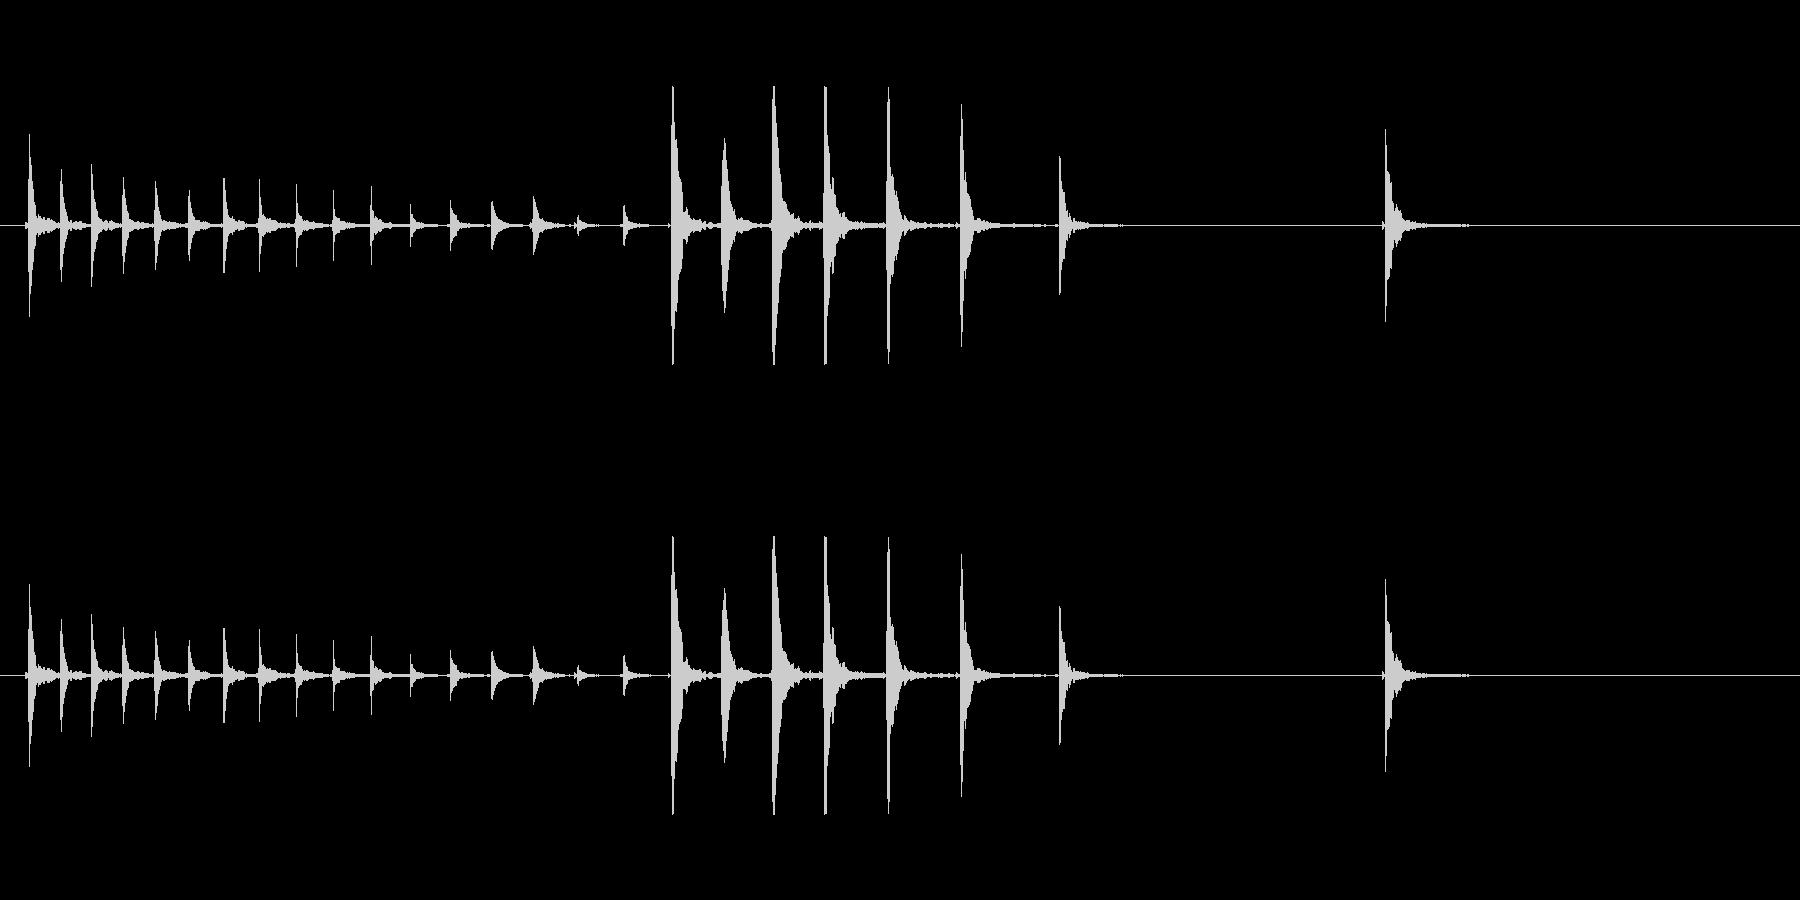 鼓4タタタタポポポポポン和風歌舞伎伝統能の未再生の波形